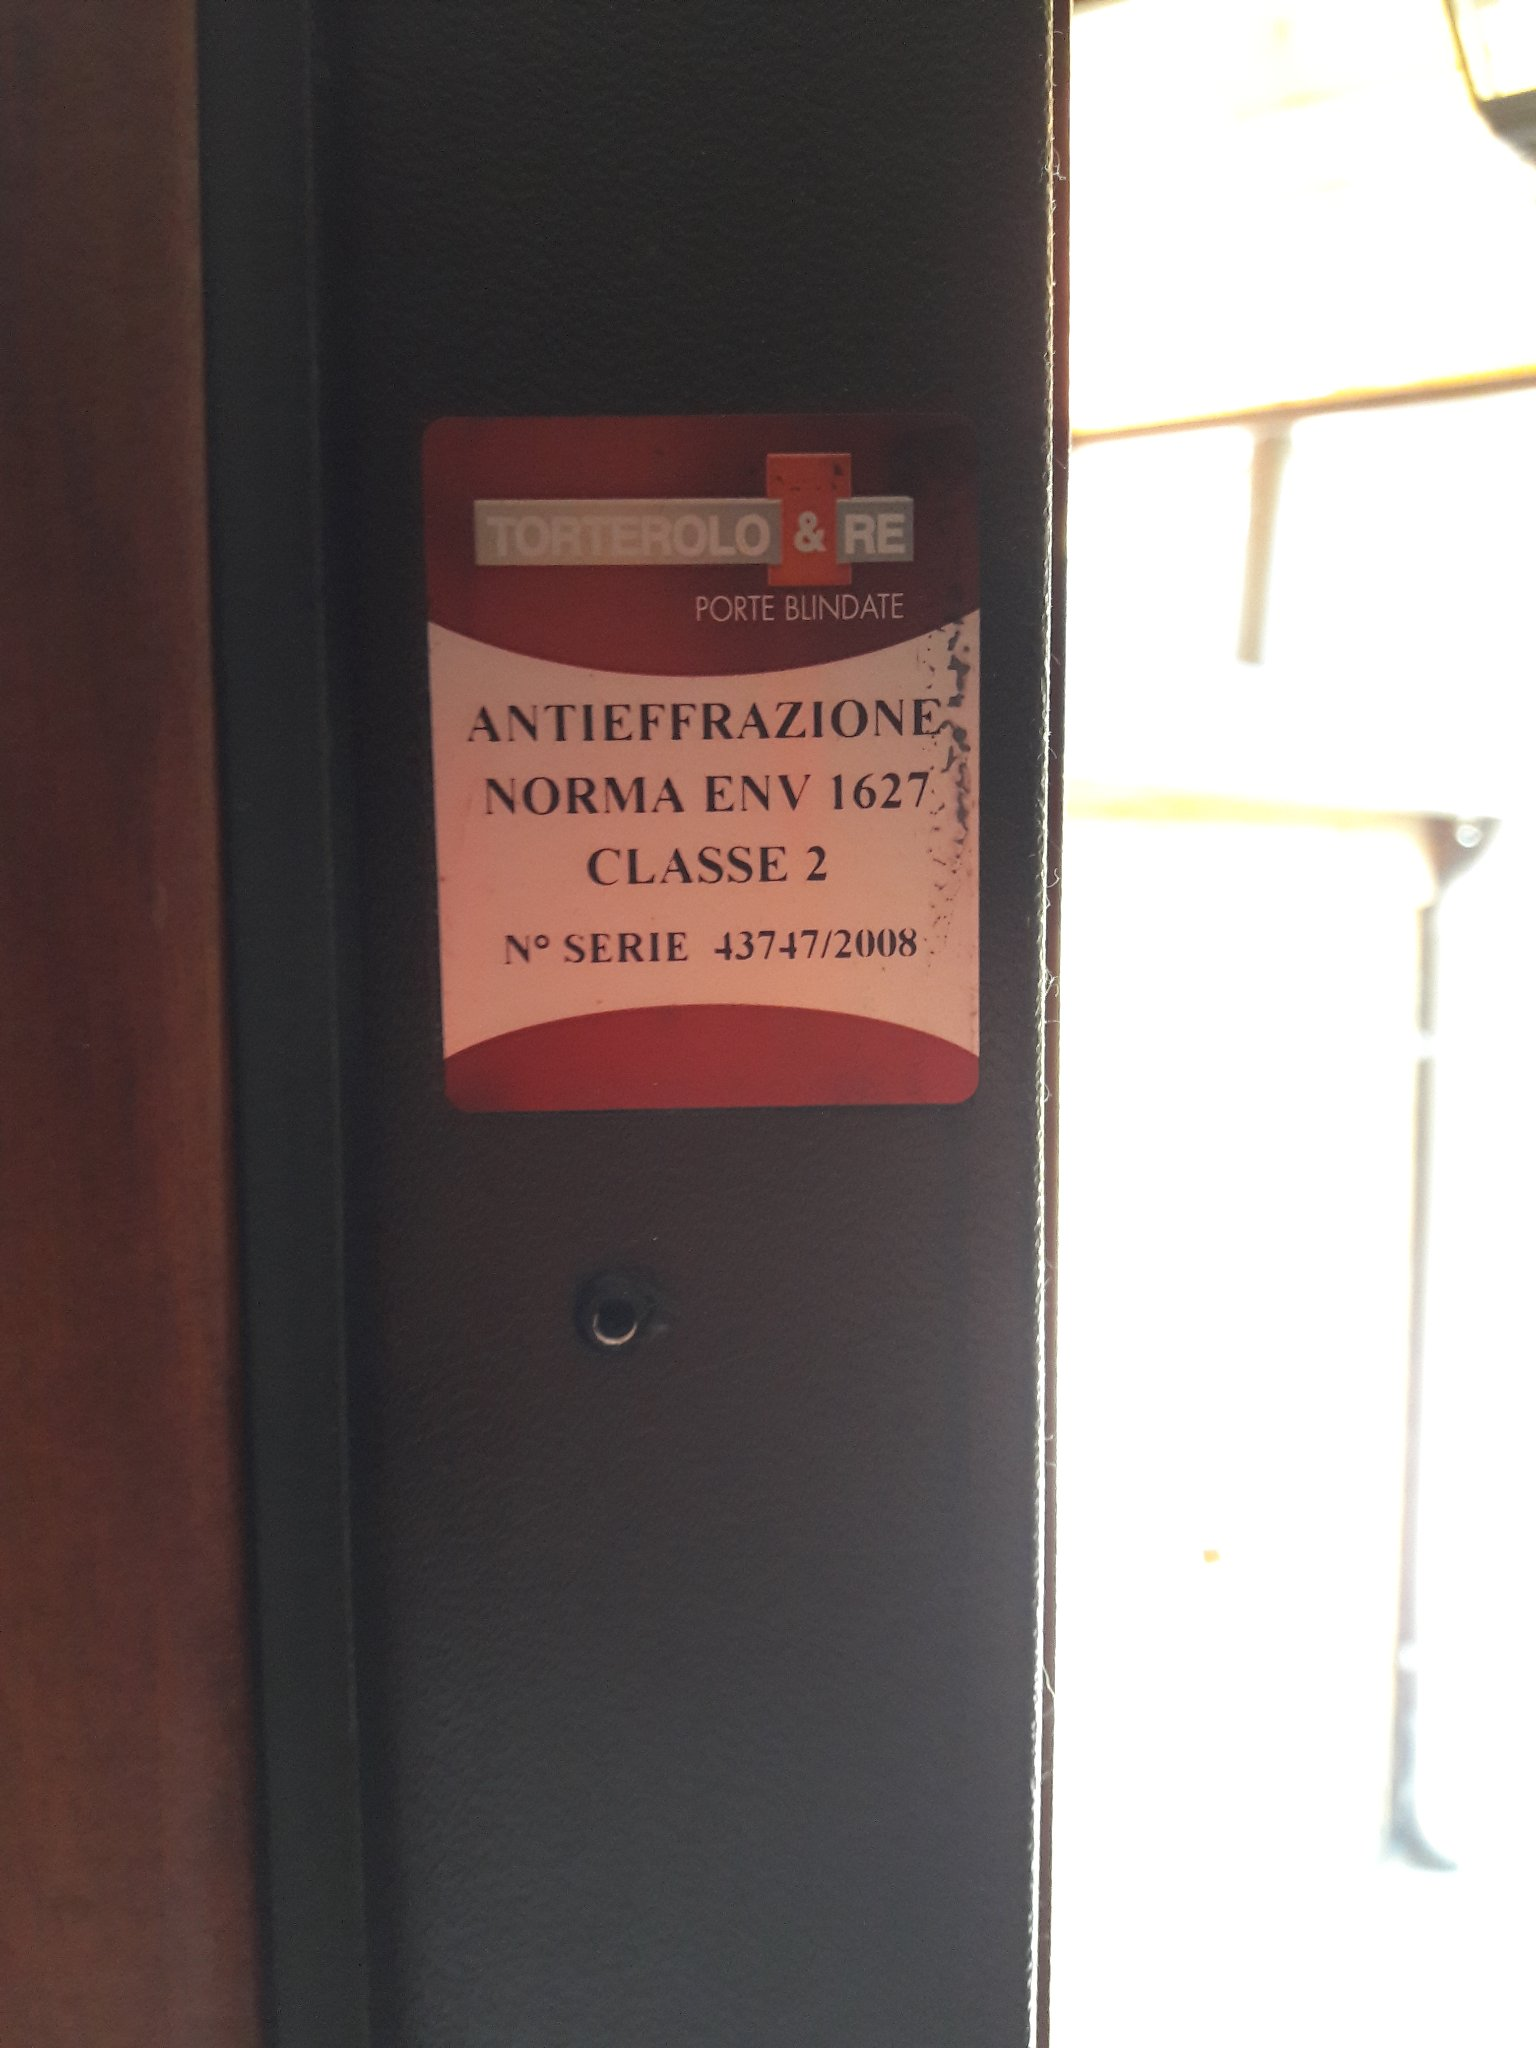 Sostituire Pannello Porta Blindata sostituzione pannello porta blindata - instapro